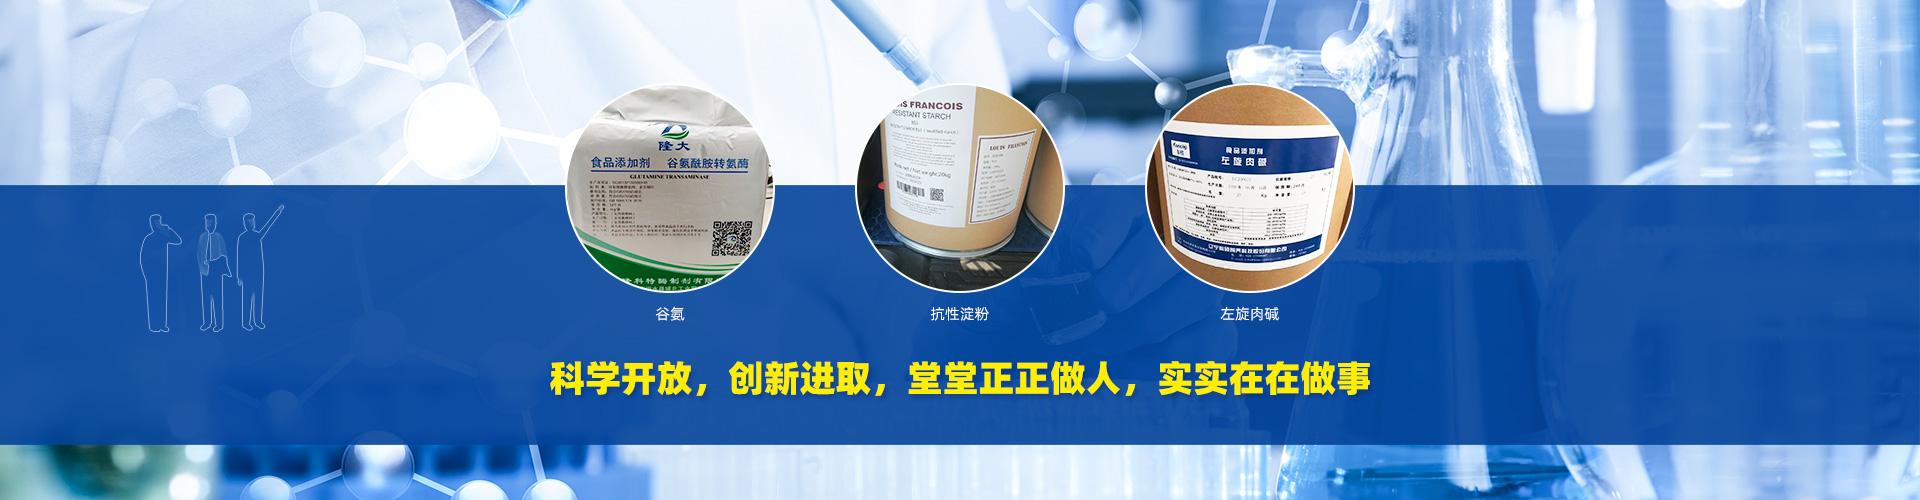 上海逸孚食品配料有限公司